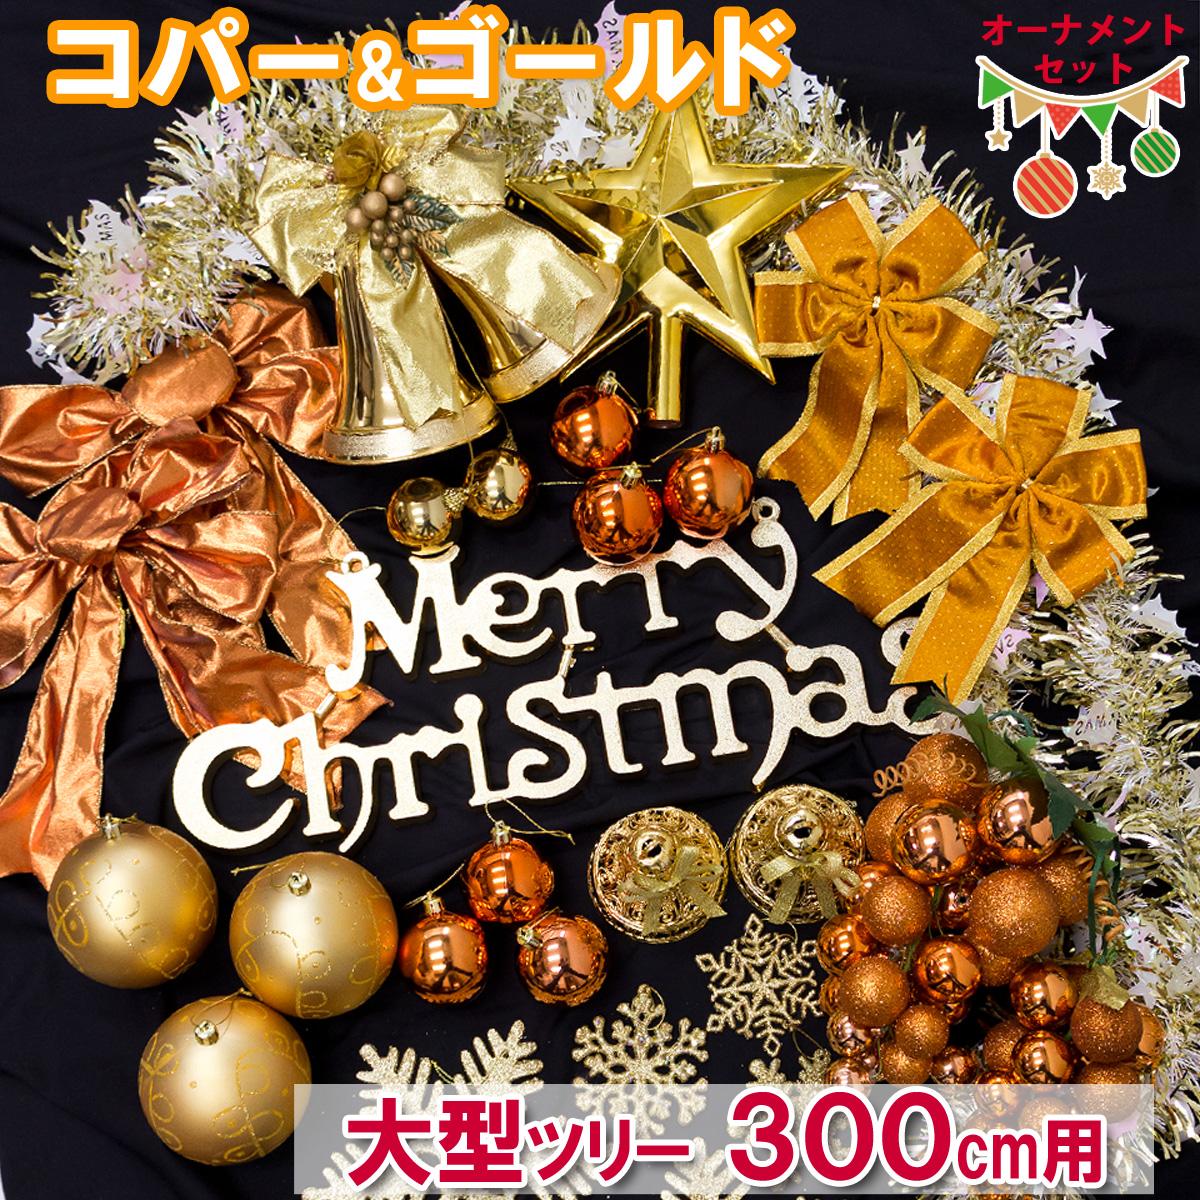 【8/8~8/16】夏期休暇 クリスマスツリー オーナメントセット コパー&ゴールド グランデ 300cm 大型ツリー用 3m